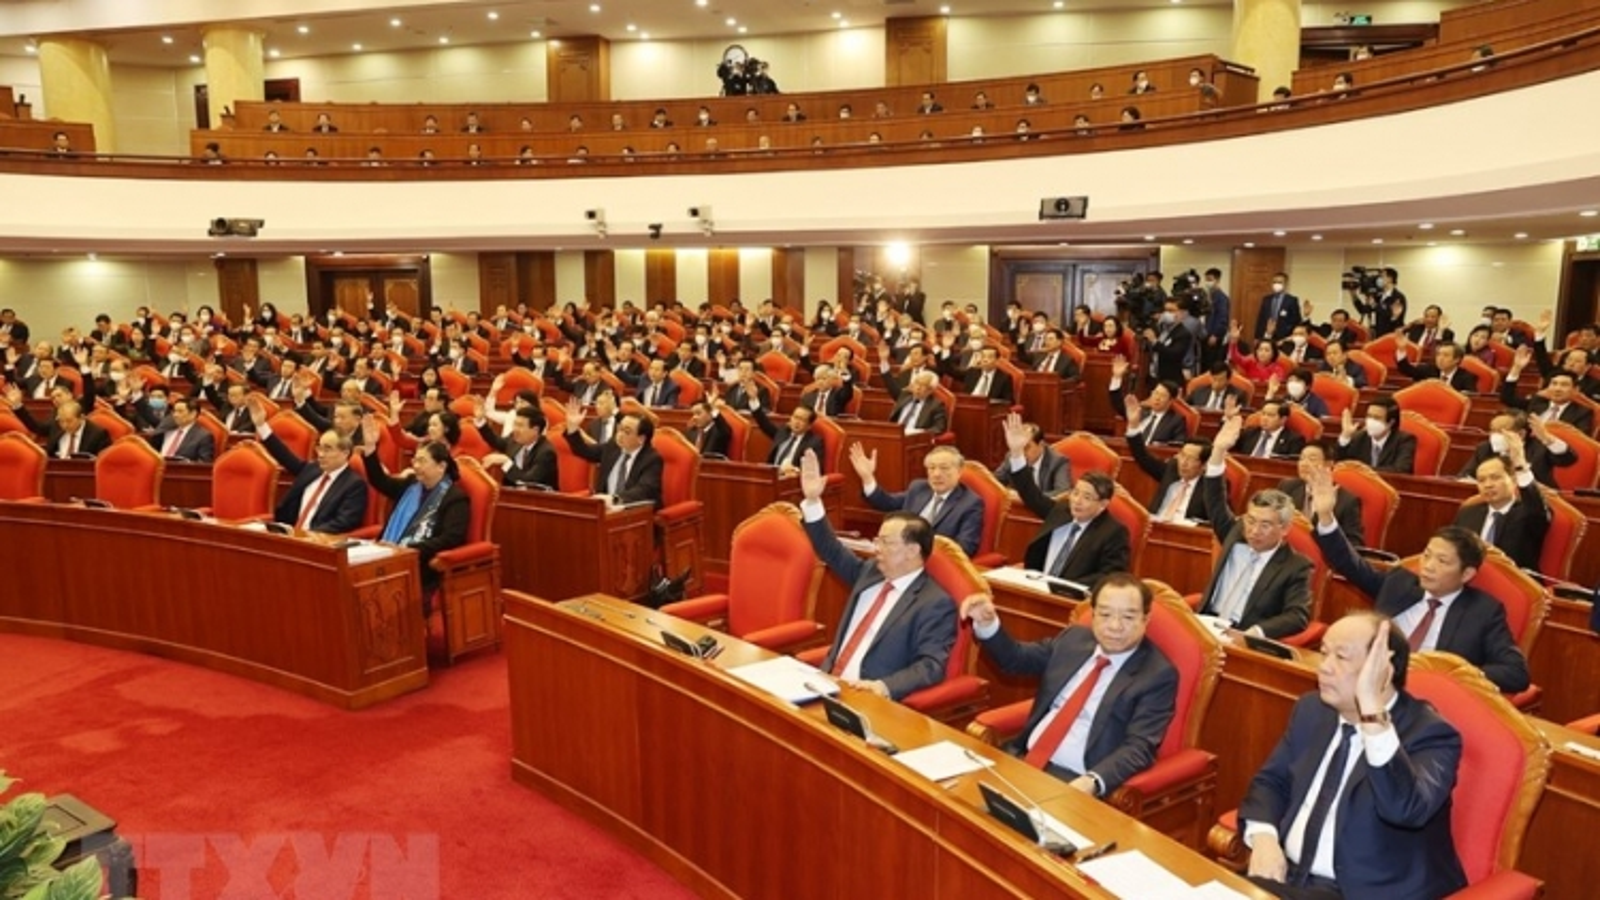 Hội nghị Trung ương 14: Giới thiệu nhân sựtham gia Bộ Chính trị, Ban Bí thư